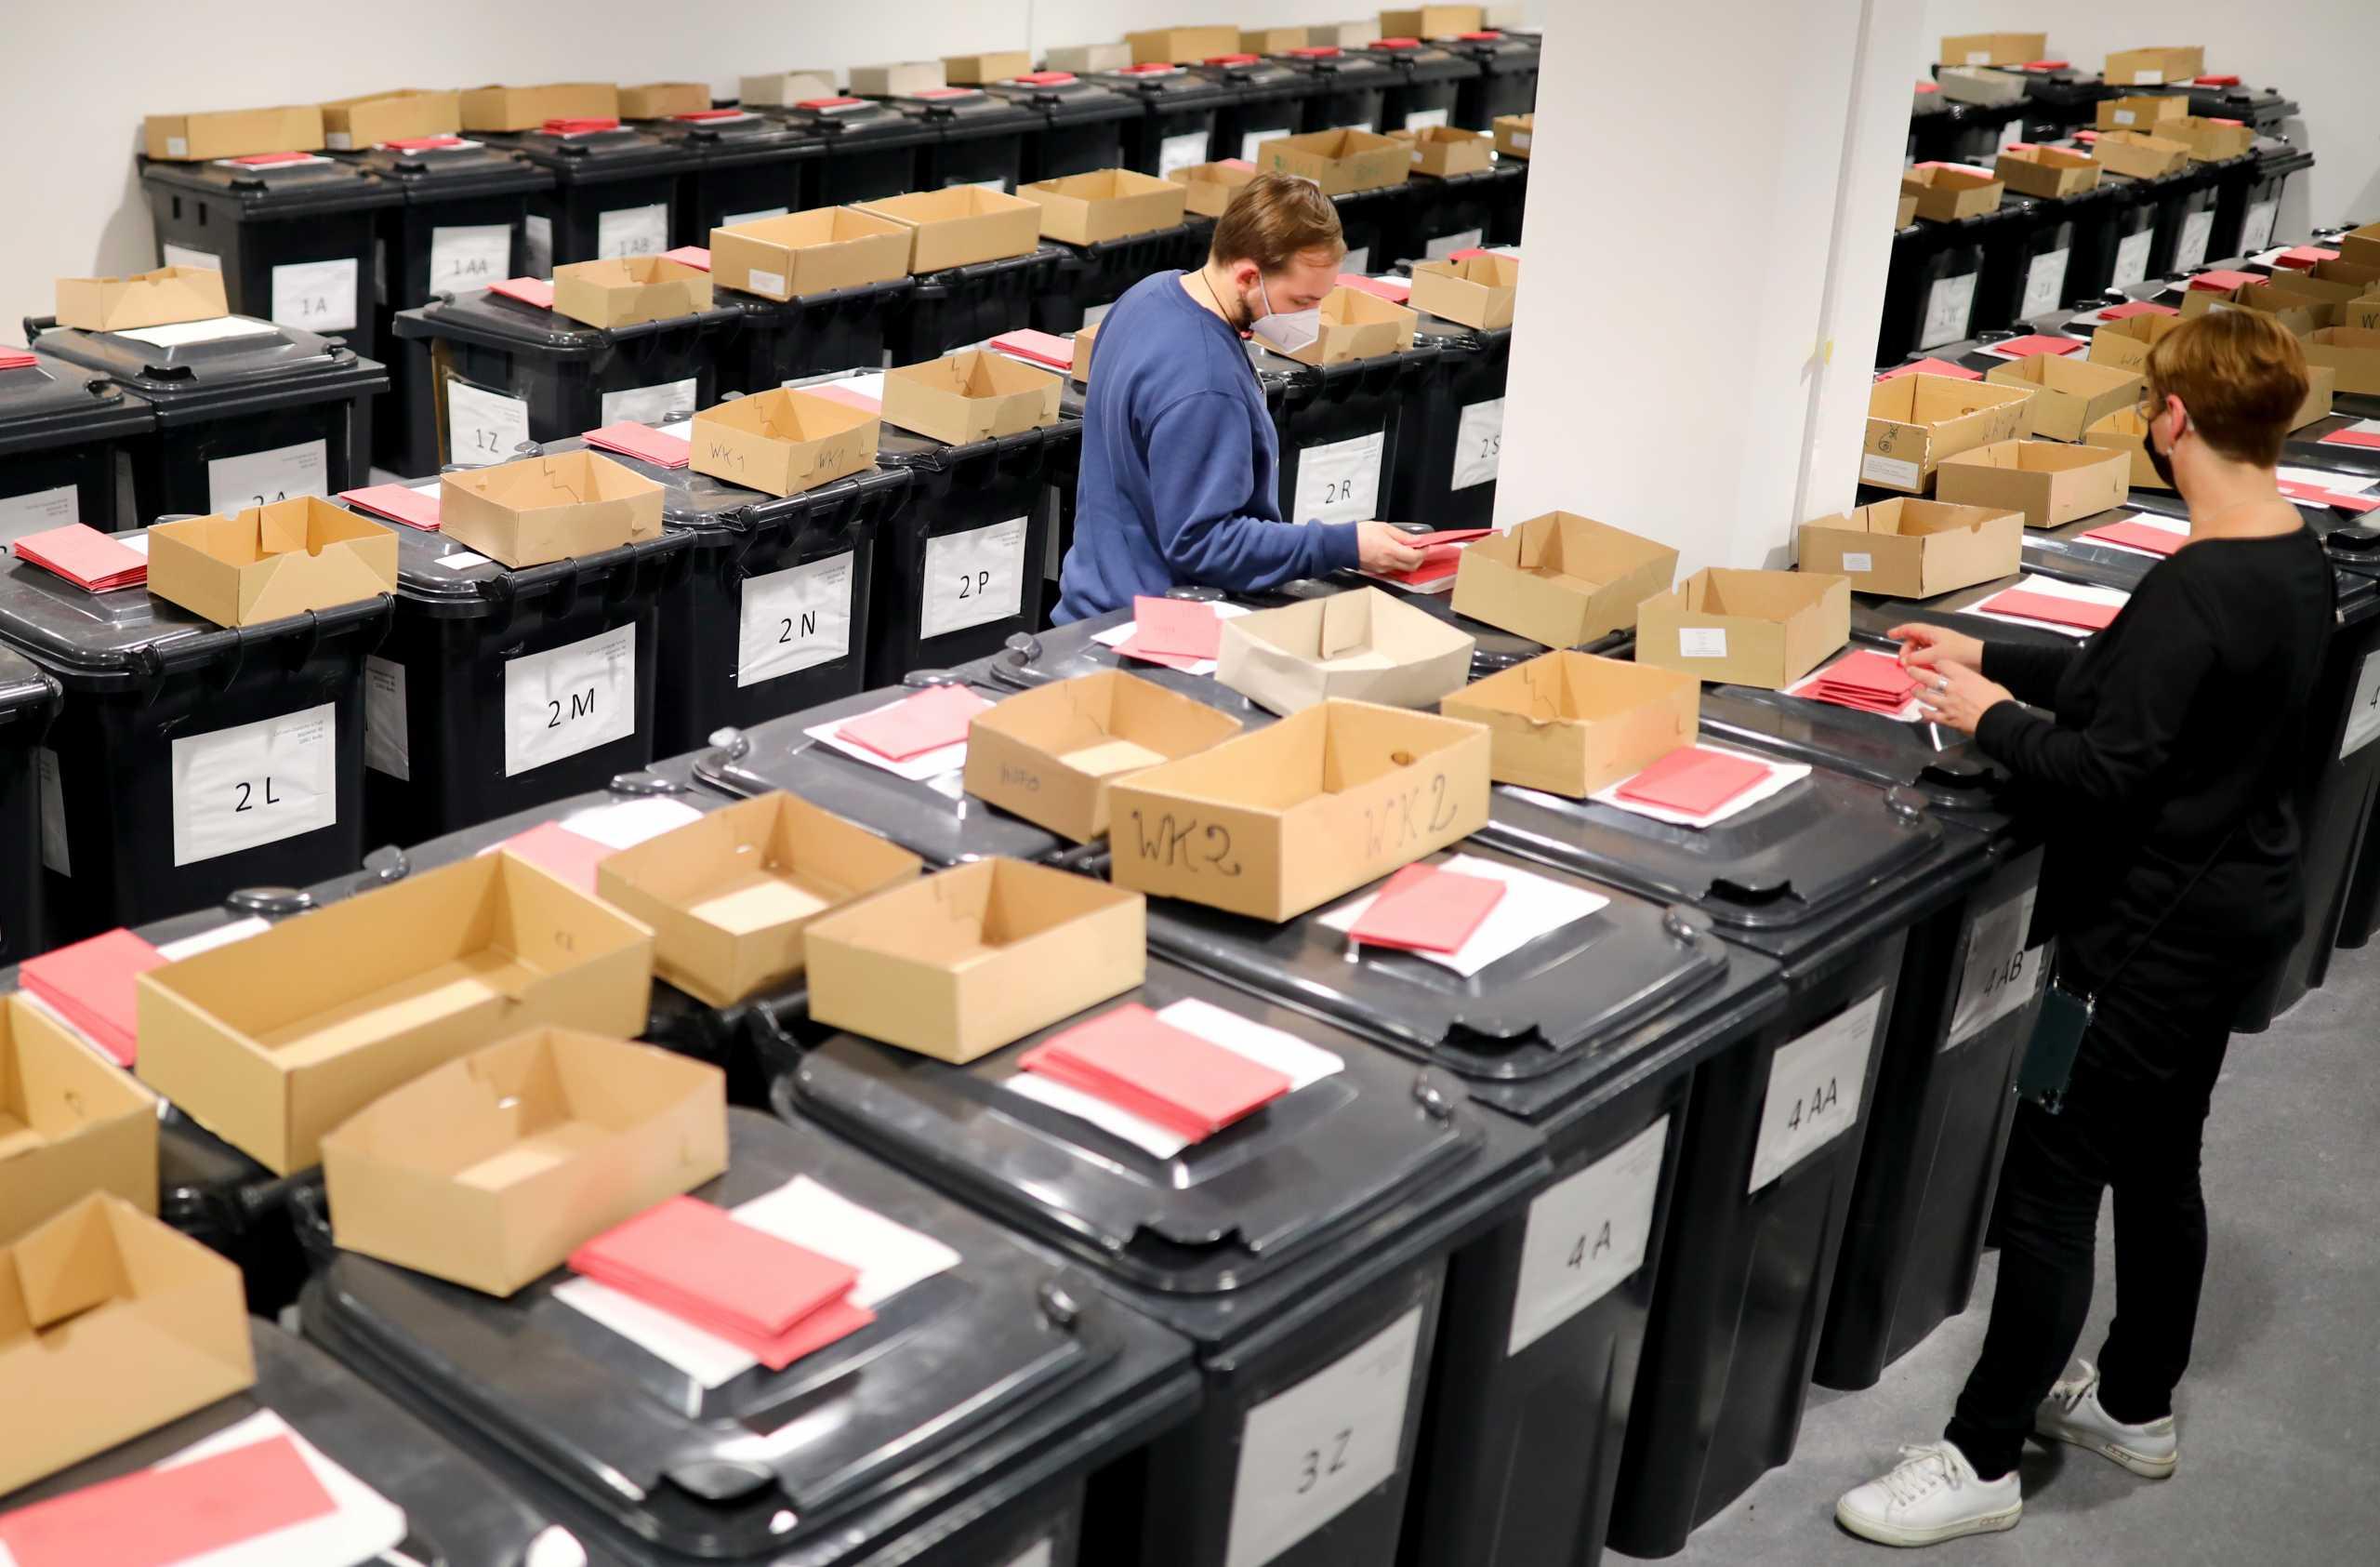 Γερμανία – Εκλογές: Ντέρμπι λίγο πριν τις κάλπες – Οι αναποφάσιστοι θα κρίνουν το αποτέλεσμα